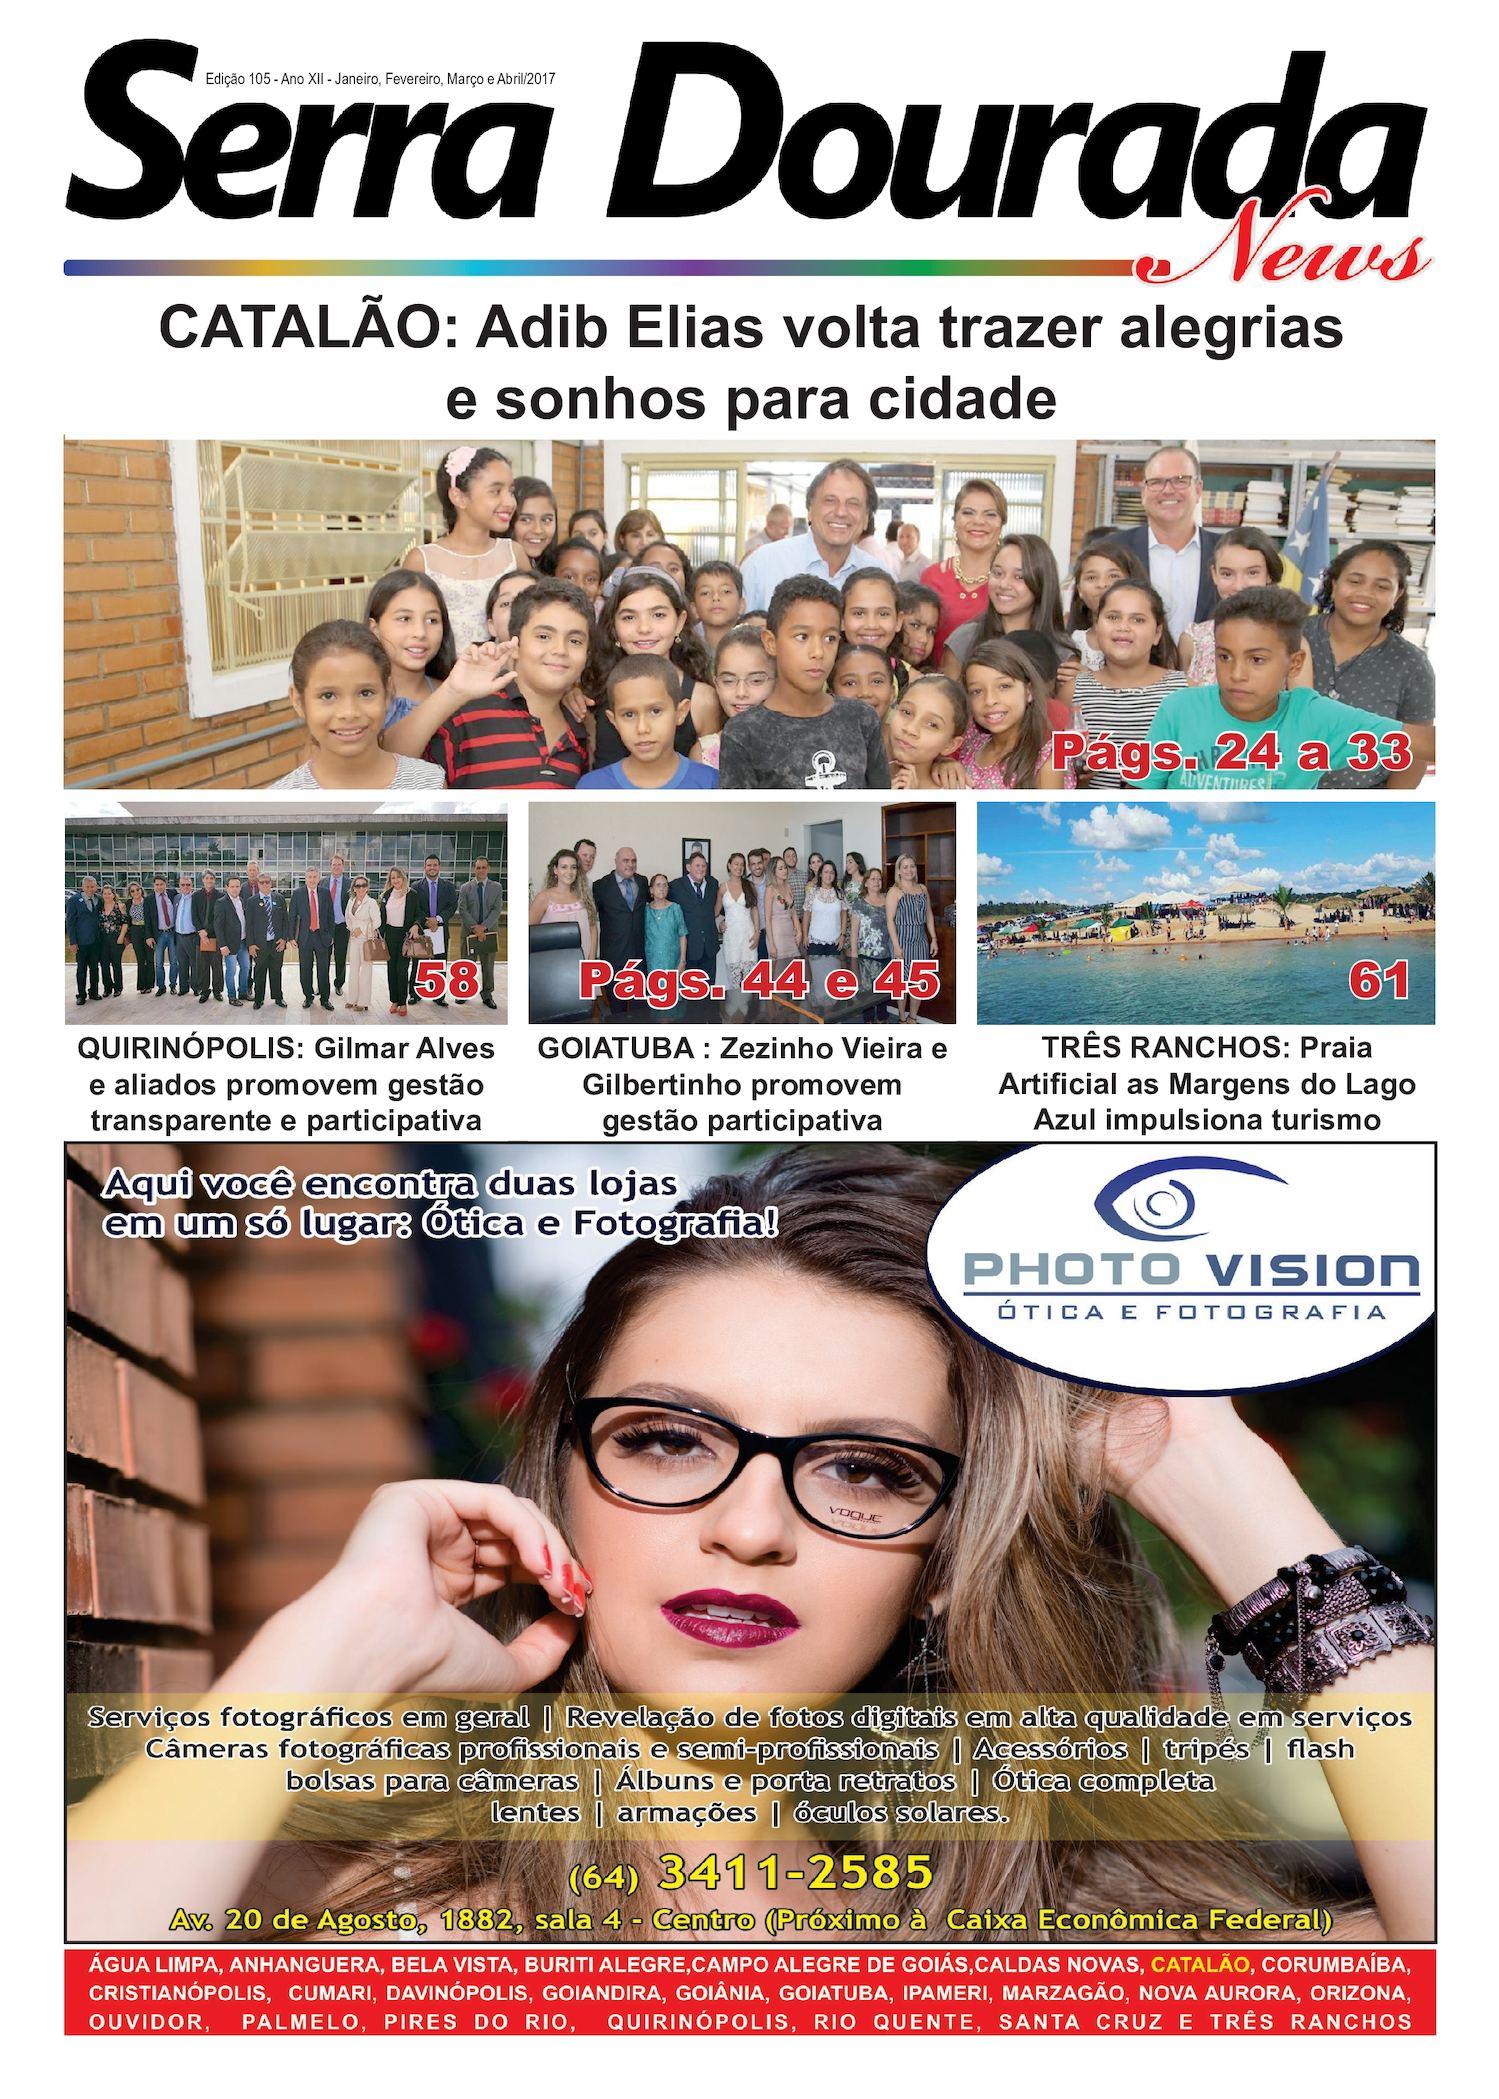 Calaméo - Serra Dourada News Edição 105 Web b282dc799b